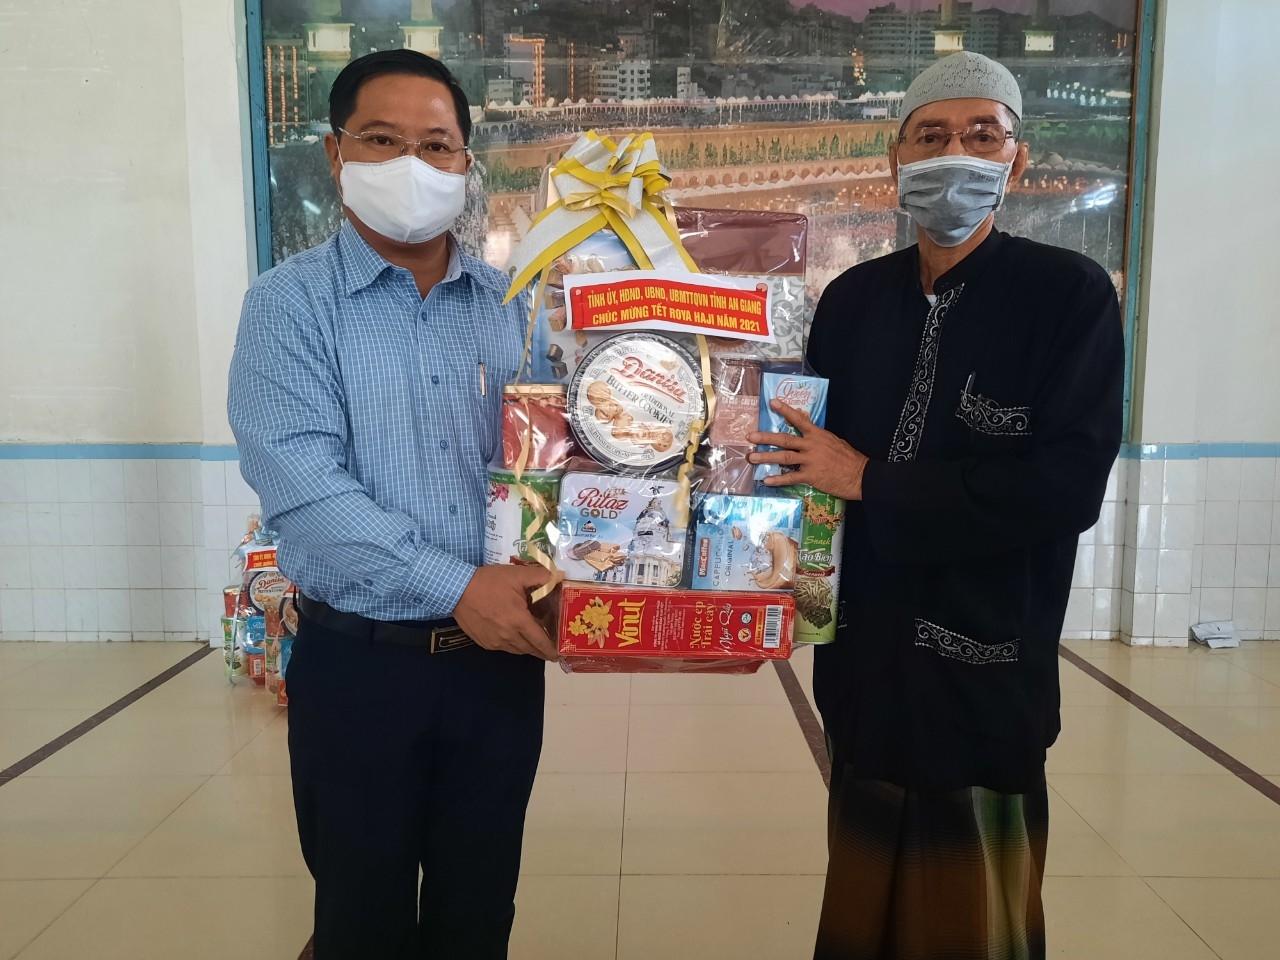 Ngành chức năng thăm tặng quà cộng đồng Chăm tại Thánh đường NekMah, xã Châu Phong, thị xã Tân Châu